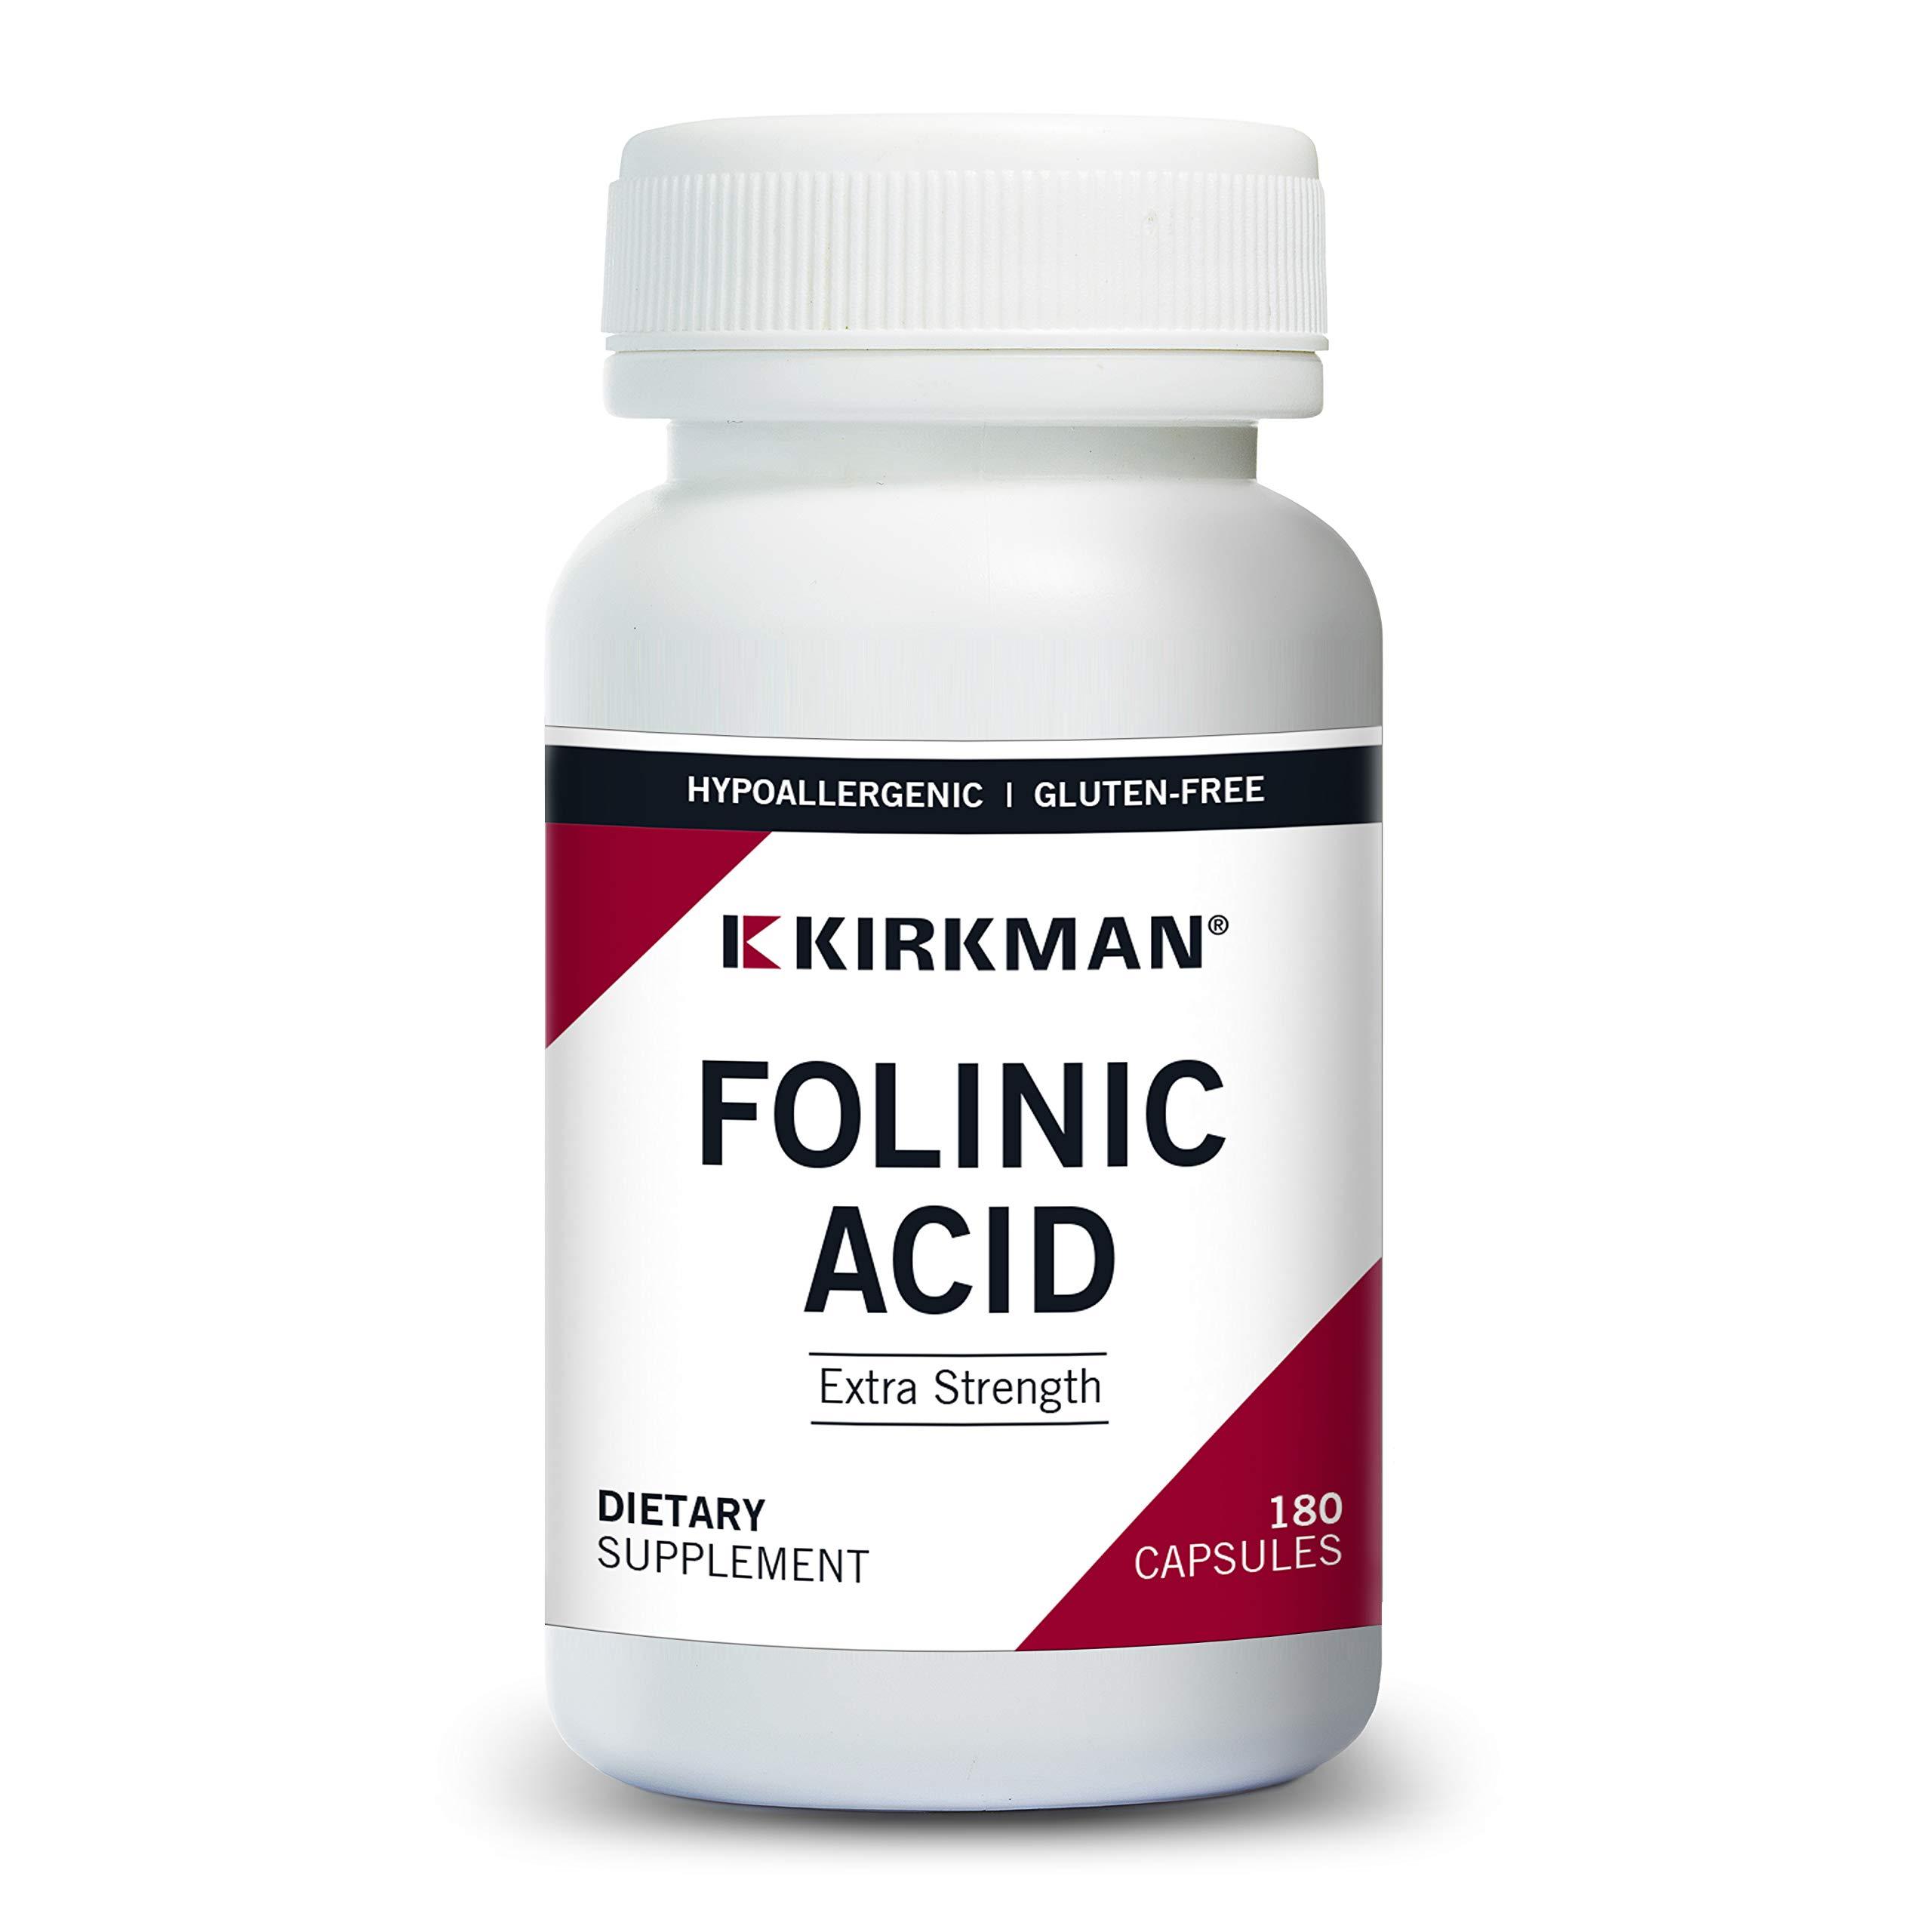 Folinic Acid 800 mcg Capsules - Hypo - 180 ct